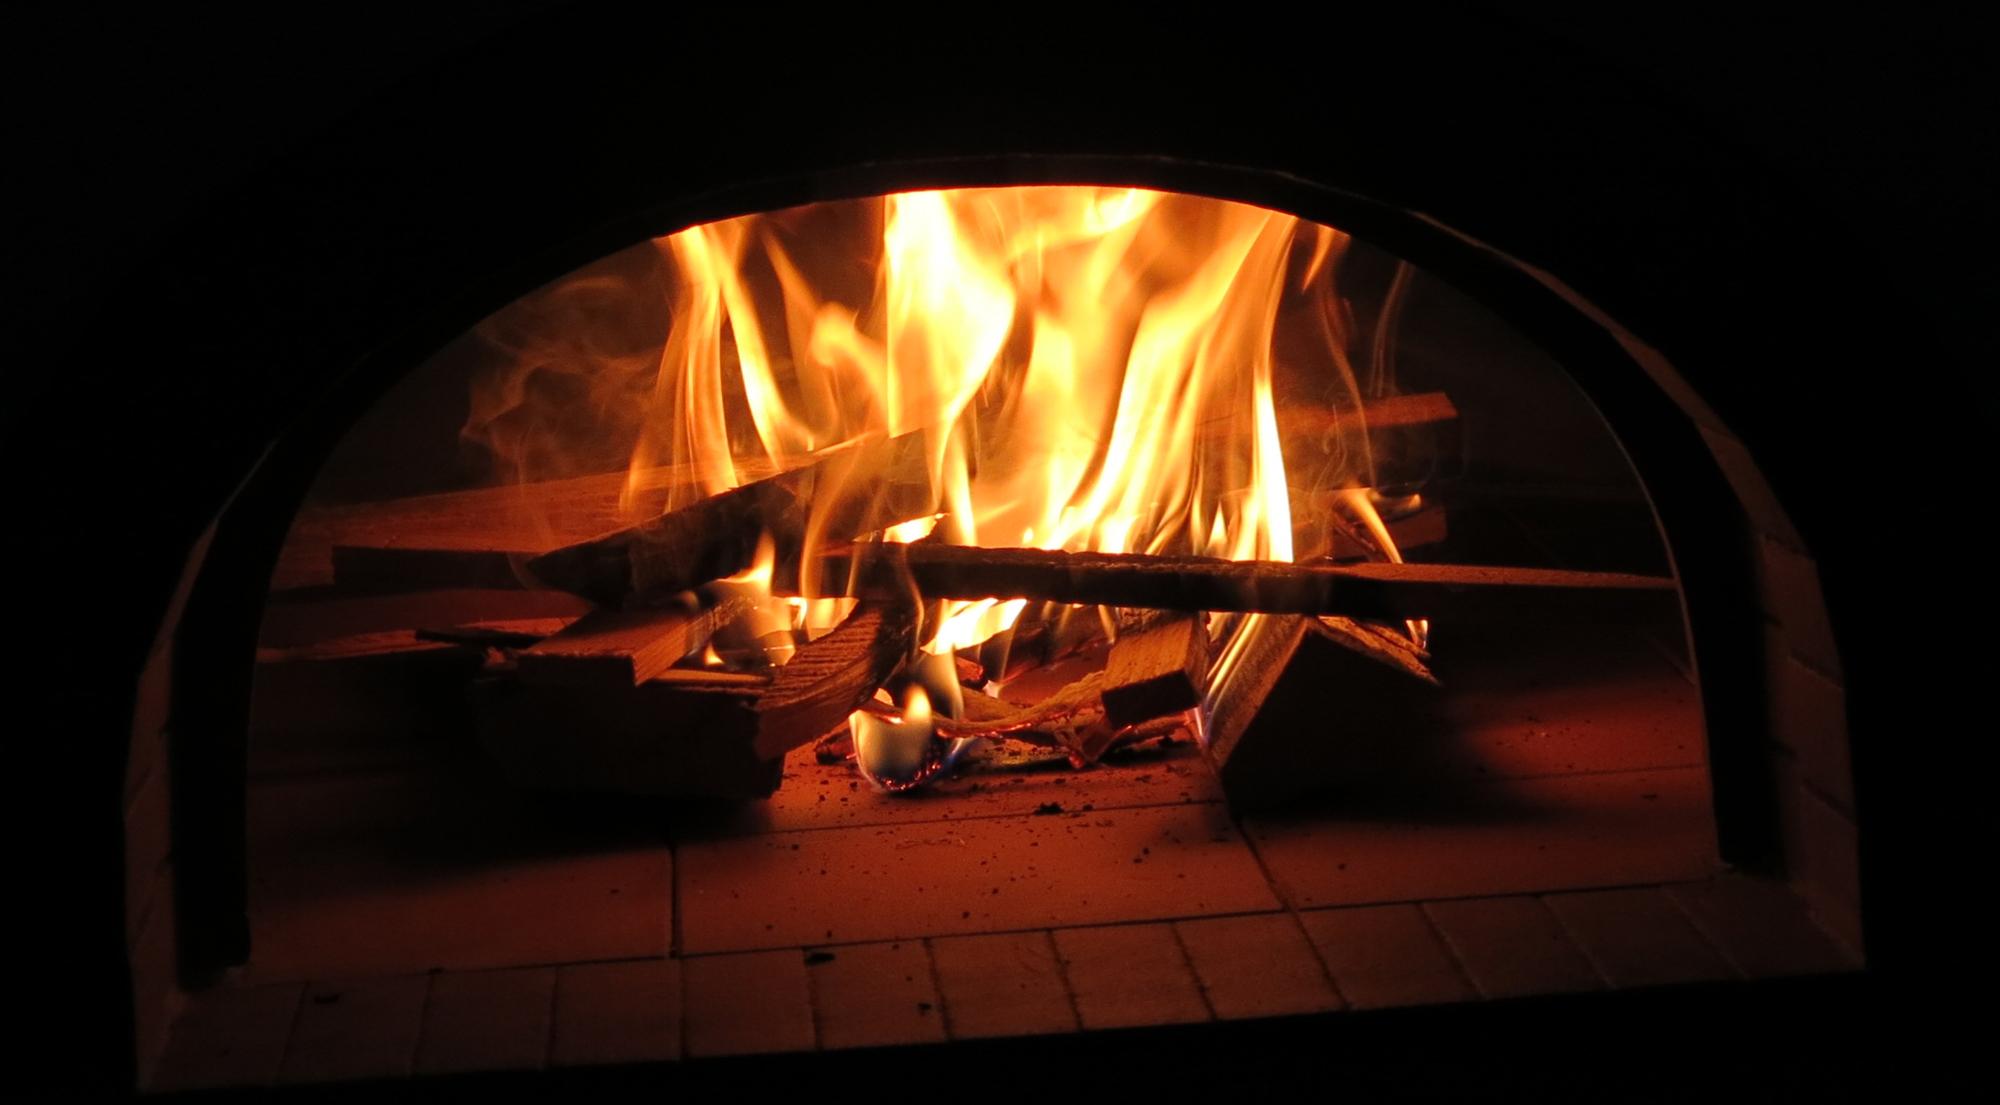 08. ca. 2 Stunden feuern um den Ofen auf 350°C aufzuheizen